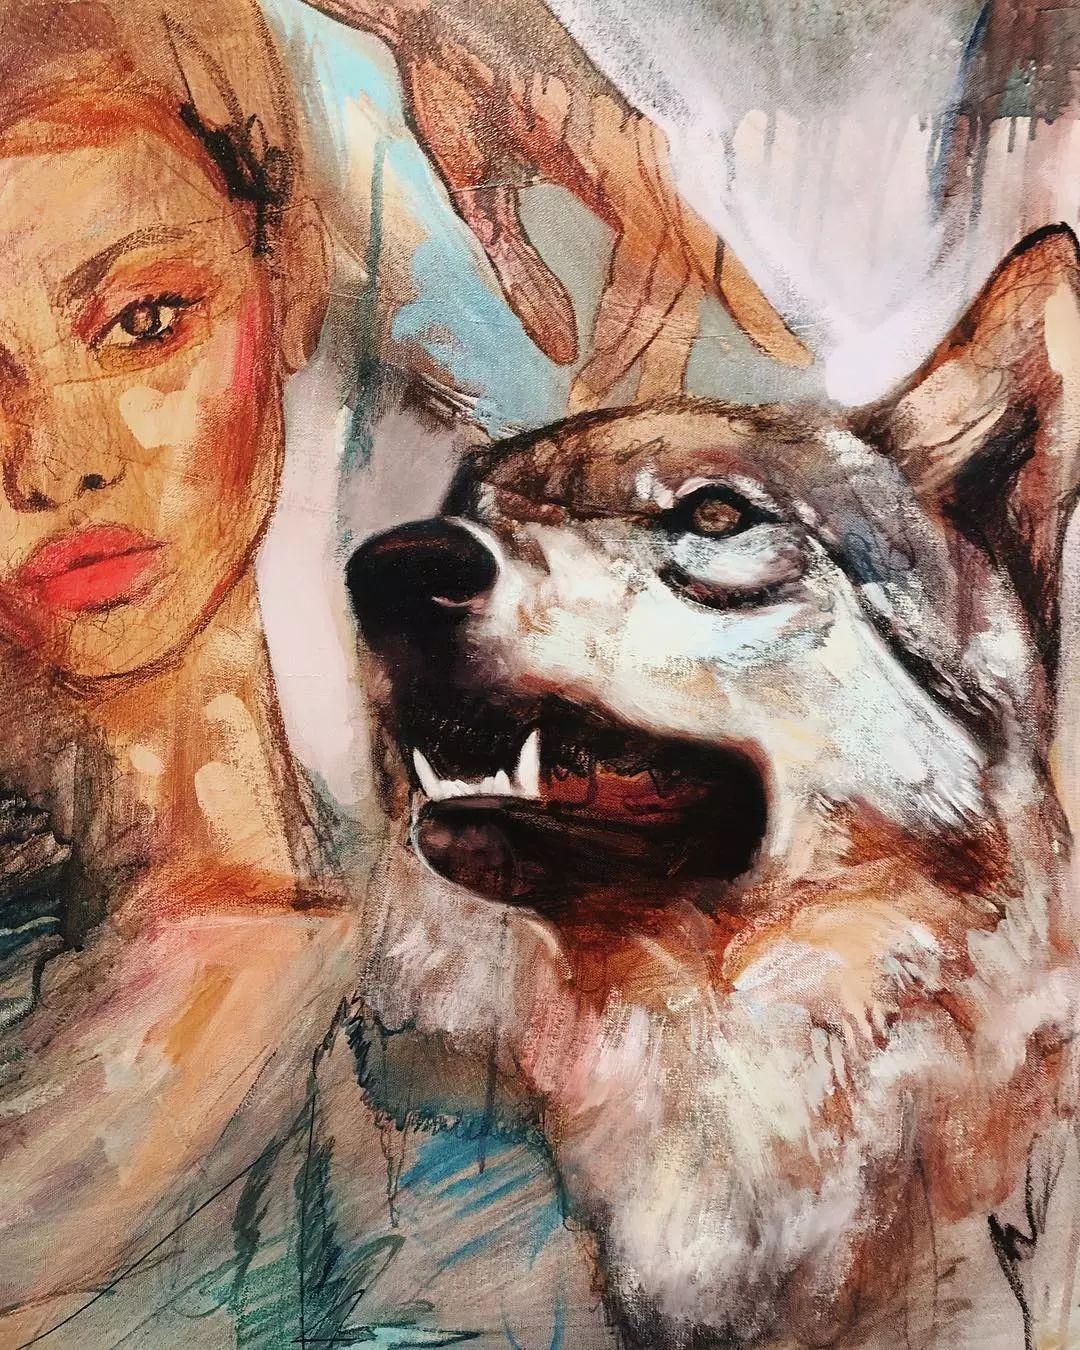 12岁开始画画 16岁就卖画赚100万——希腊小画家Dimitra Milan插图6